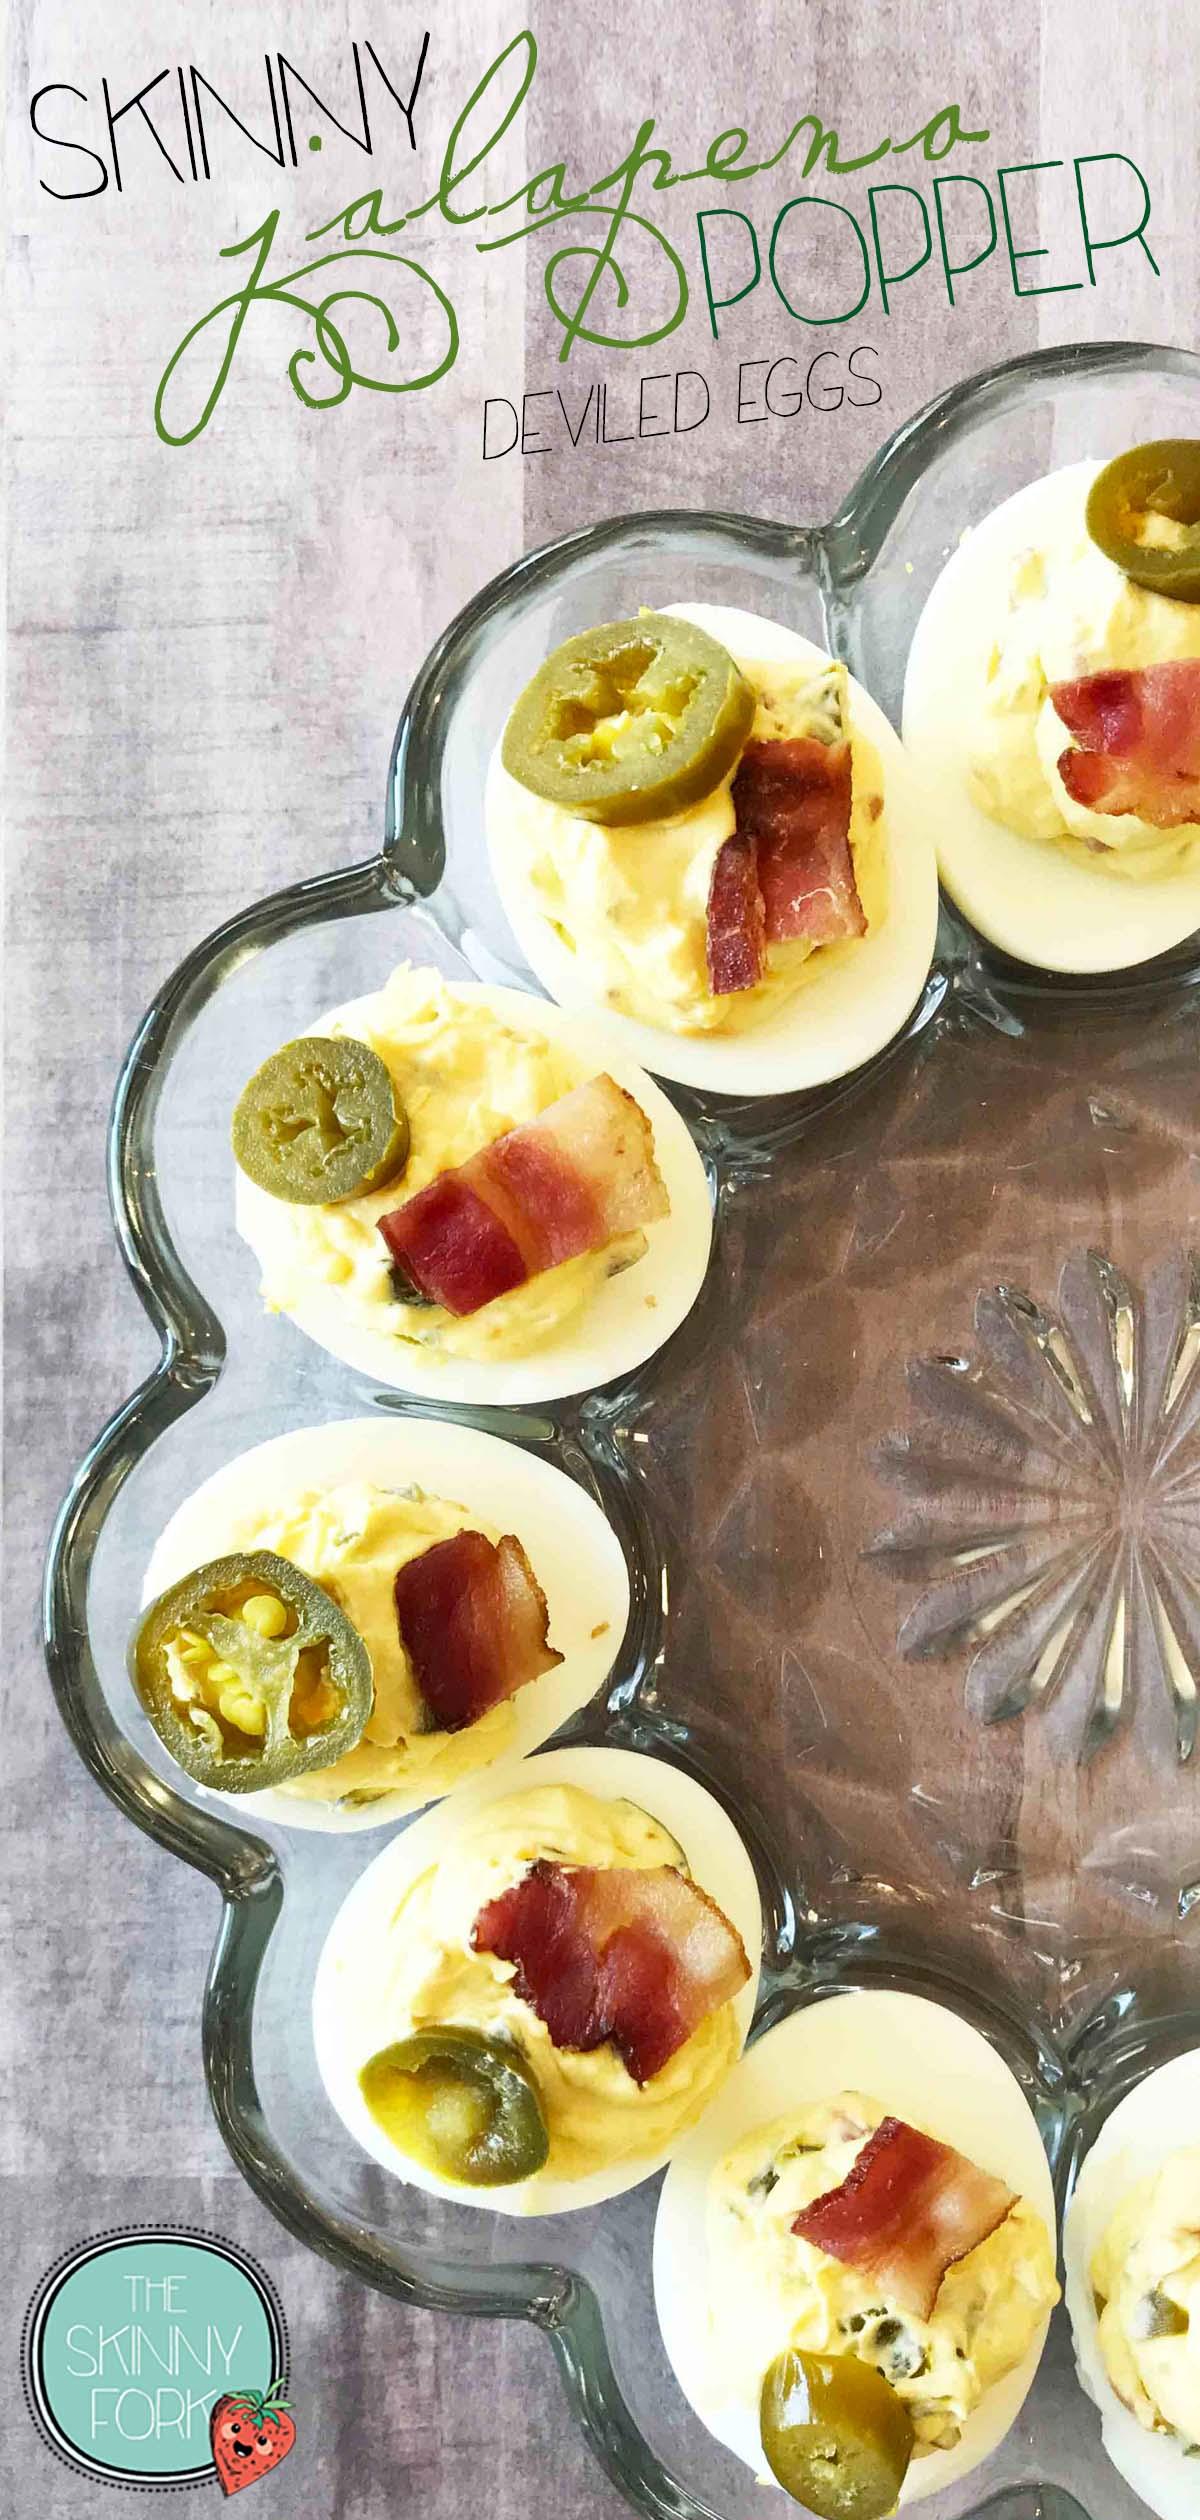 popper-deviled-eggs-pin.jpg